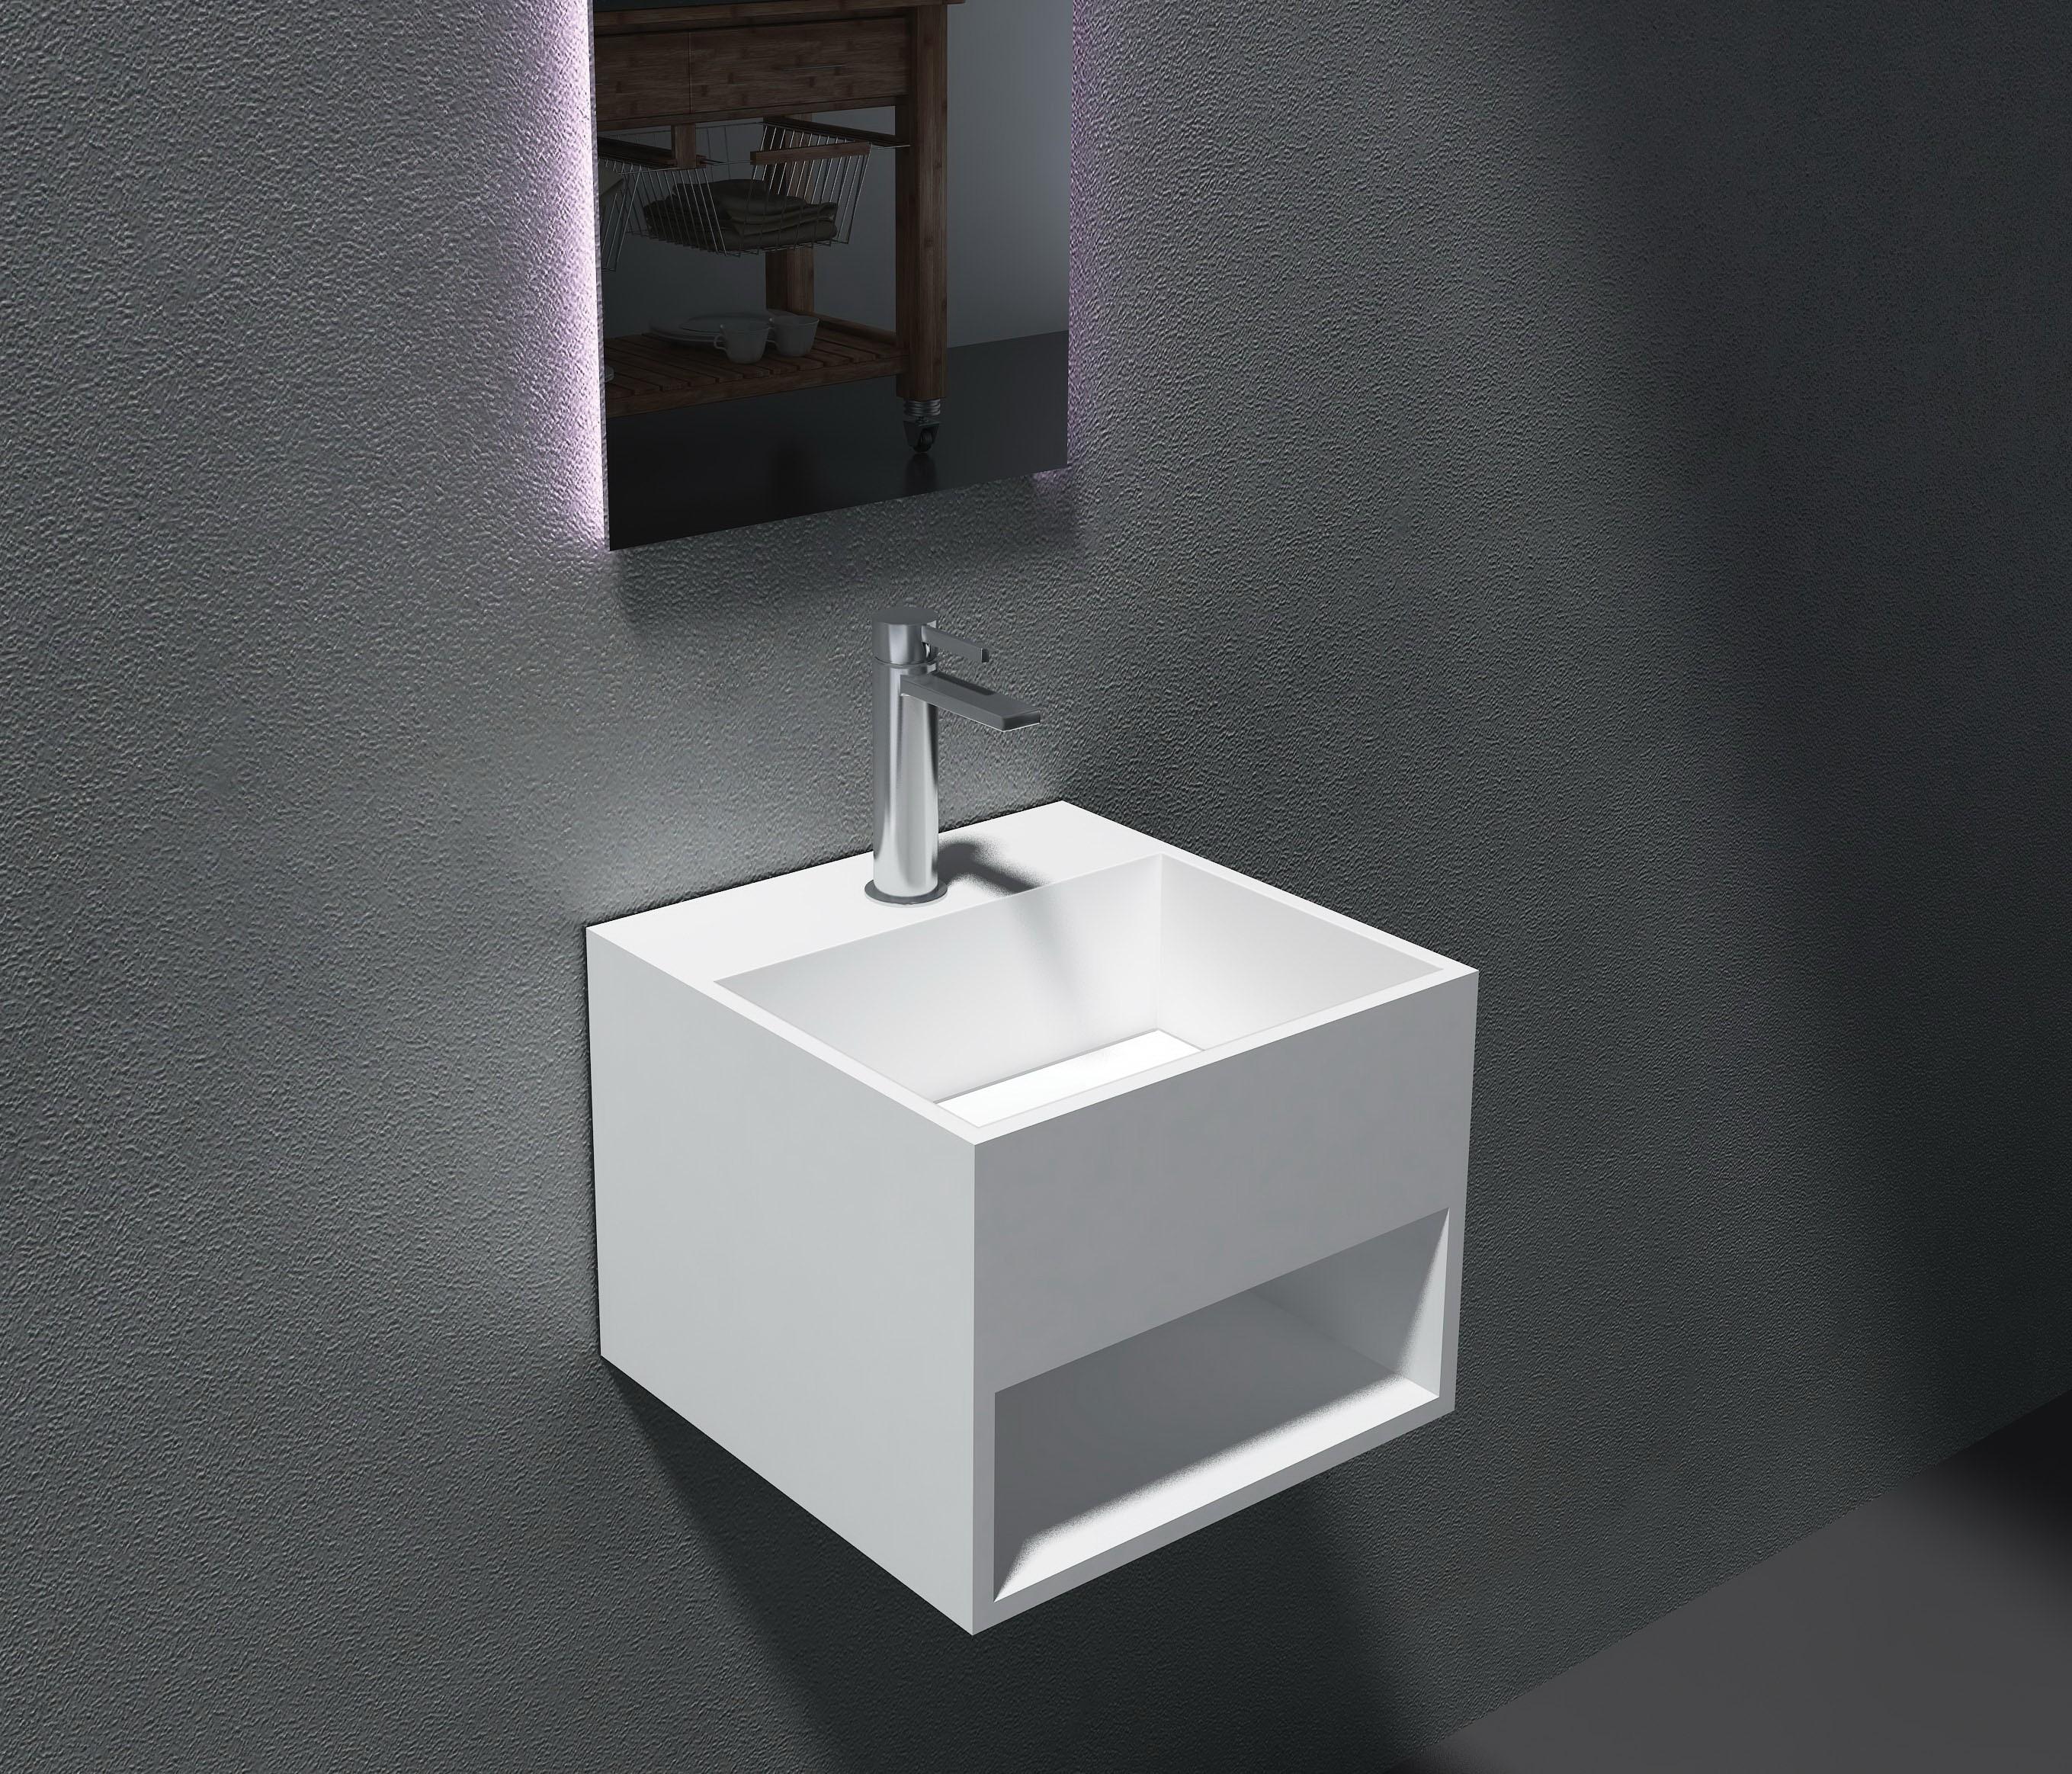 Wandwaschbecken aus Mineralguss PB2035 weiß - Solid Stone - 32,5 x 32,5 x 25 cm